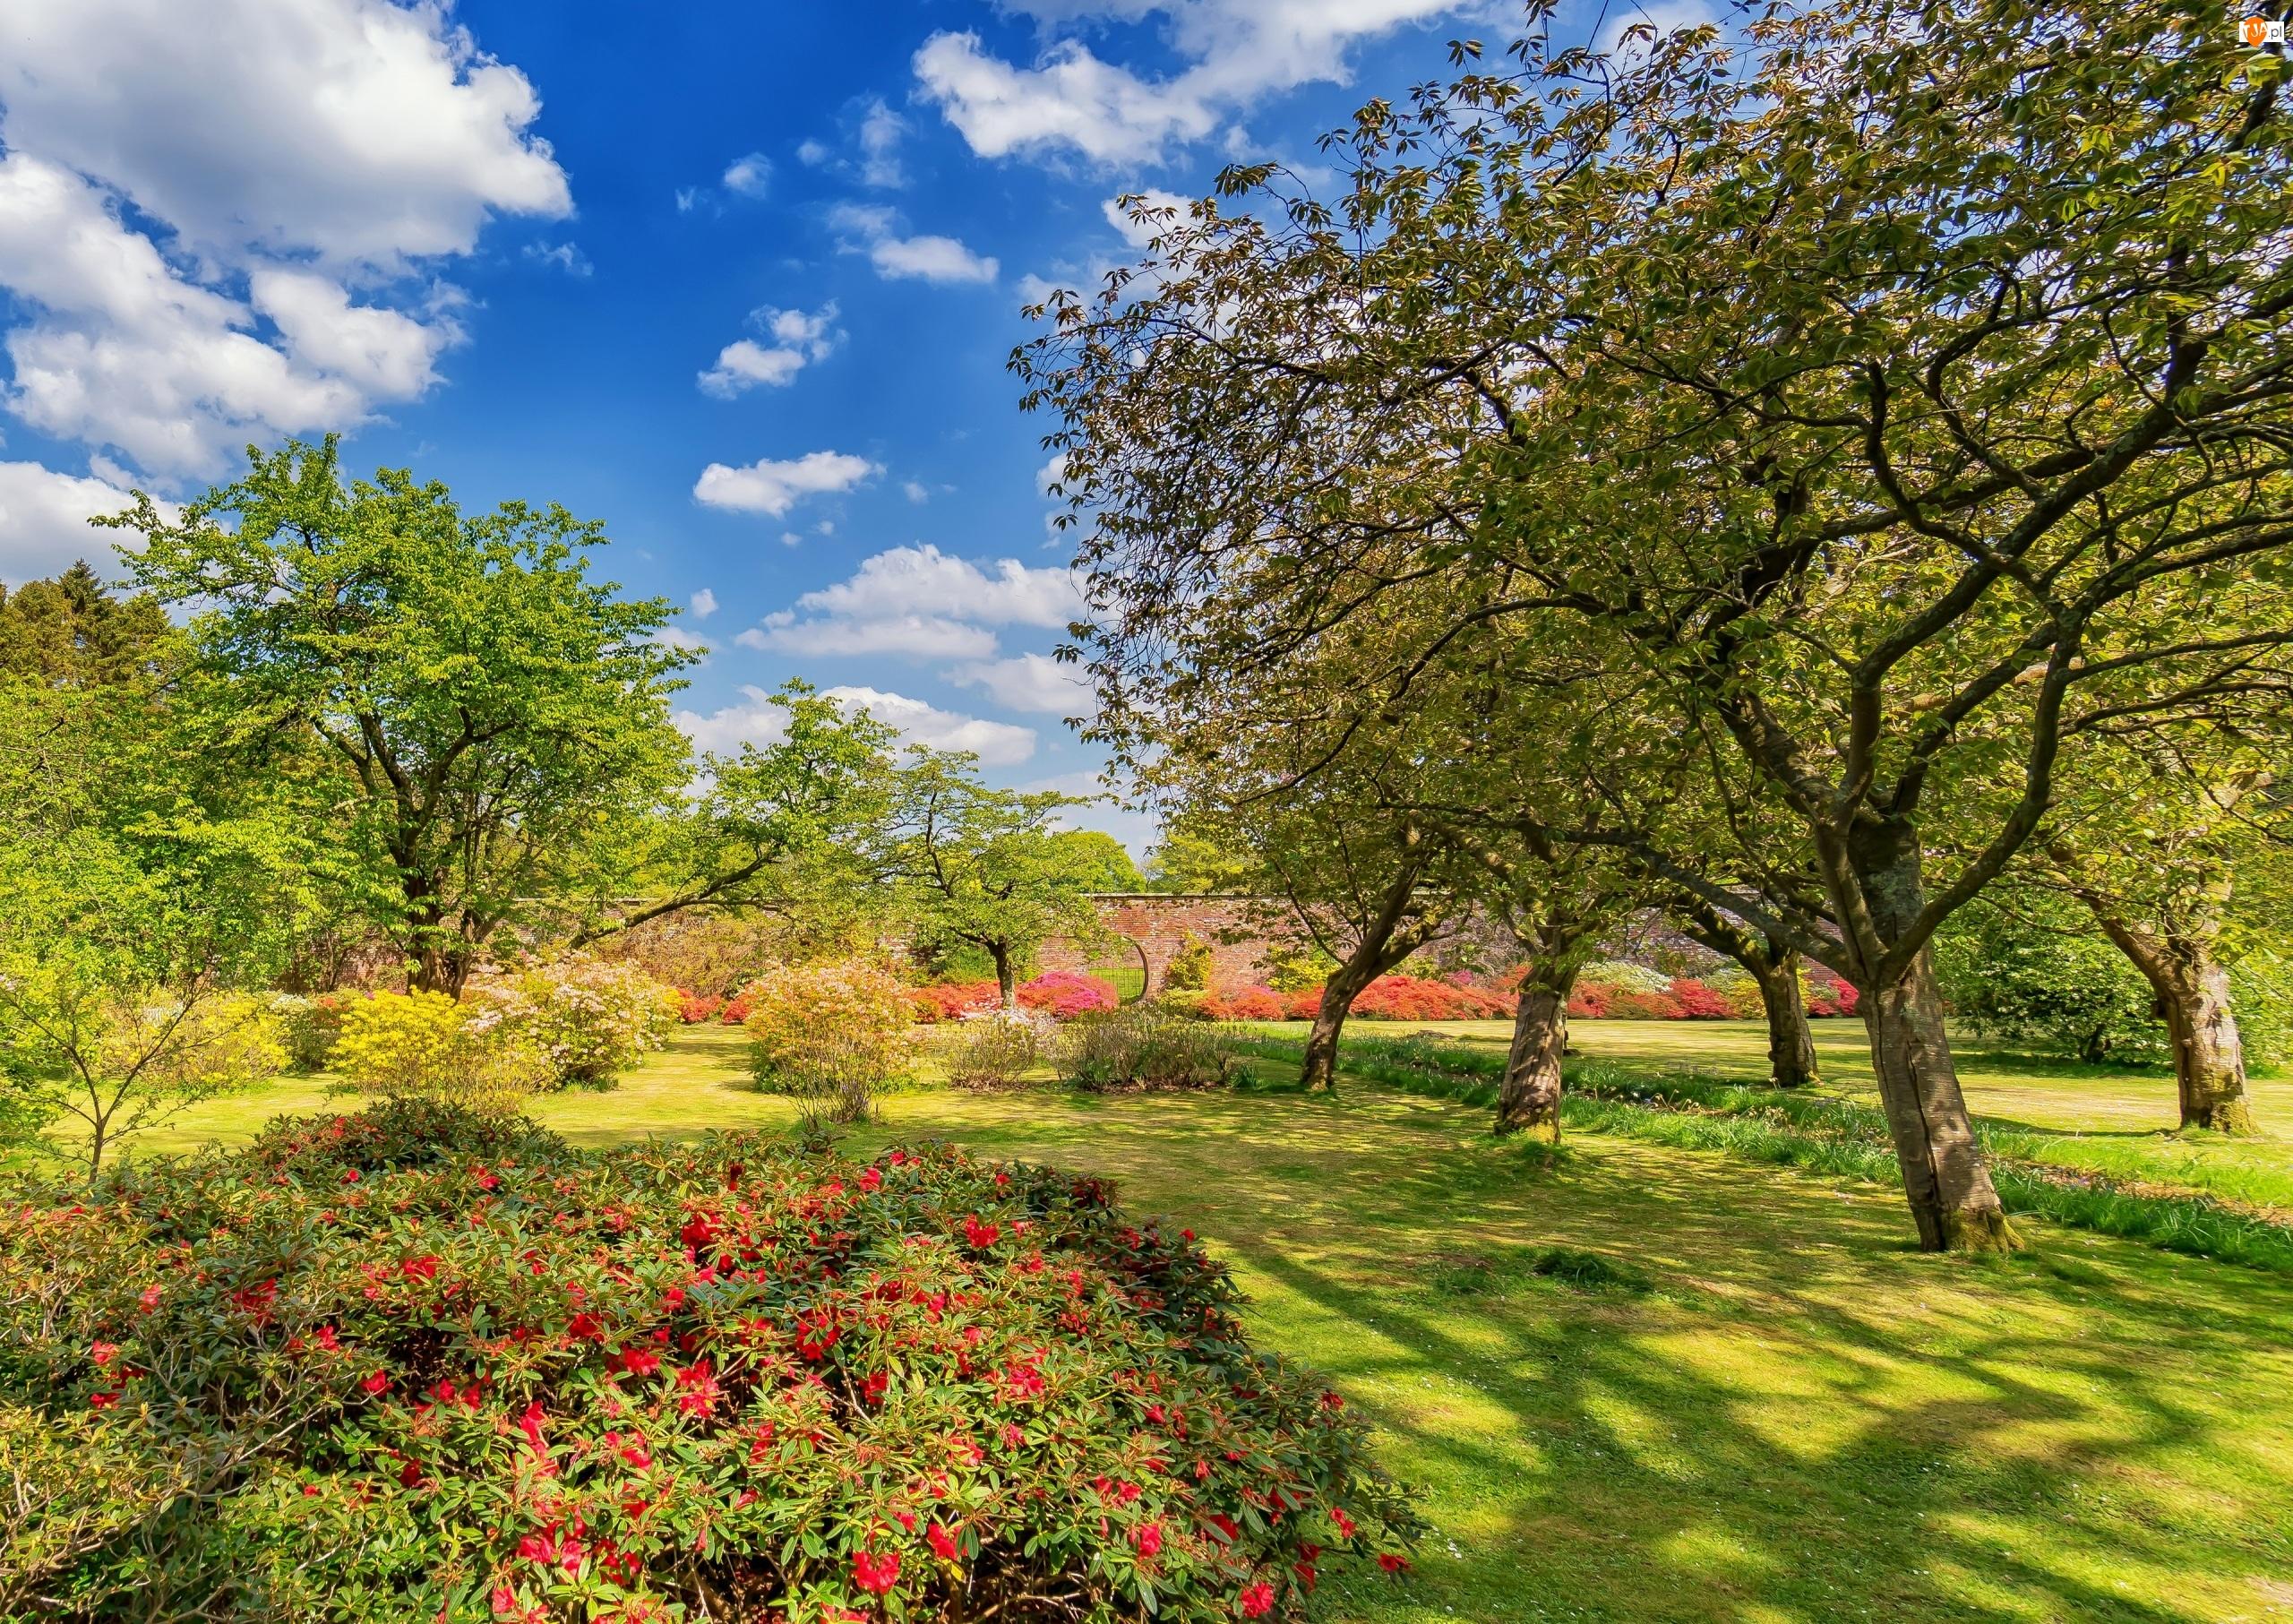 Ogród Bargany Gardens, Drzewa, Szkocja, Kwiaty, Girvan, Lato